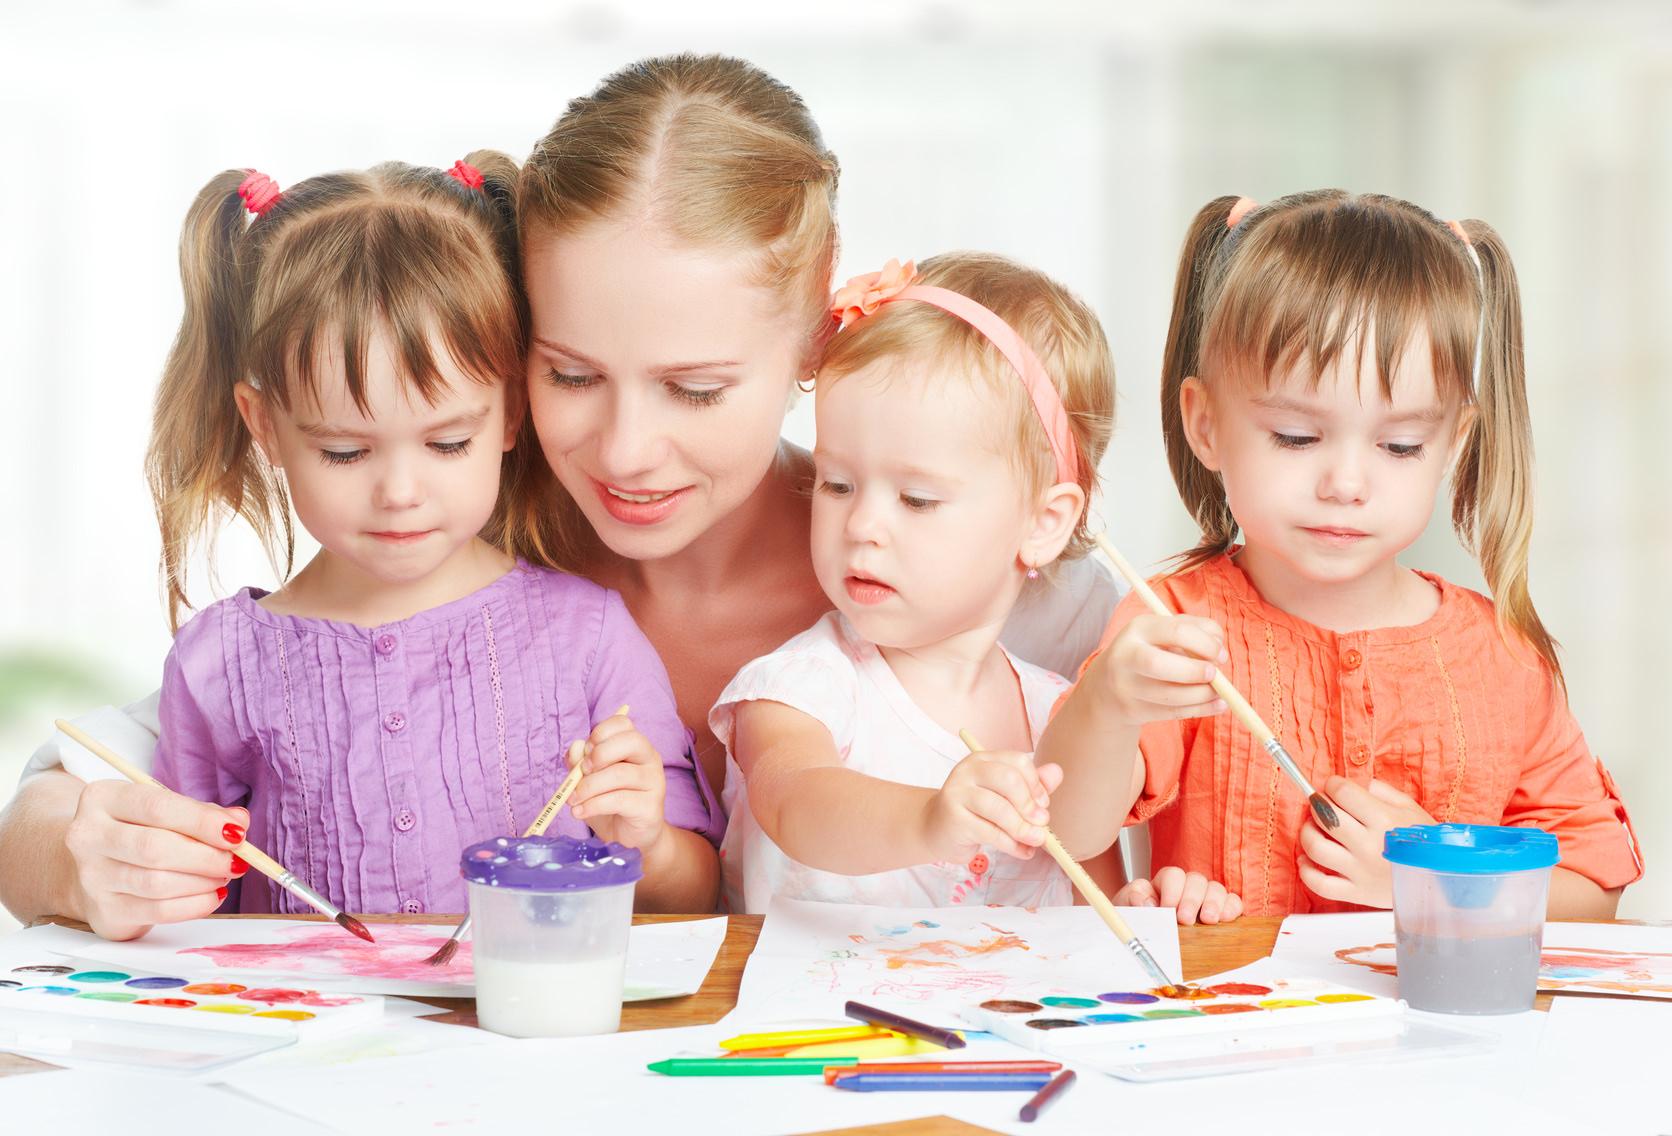 Многодетная семья: на какие льготы можно рассчитывать (фото: evgenyatamanenko - Fotolia.com).